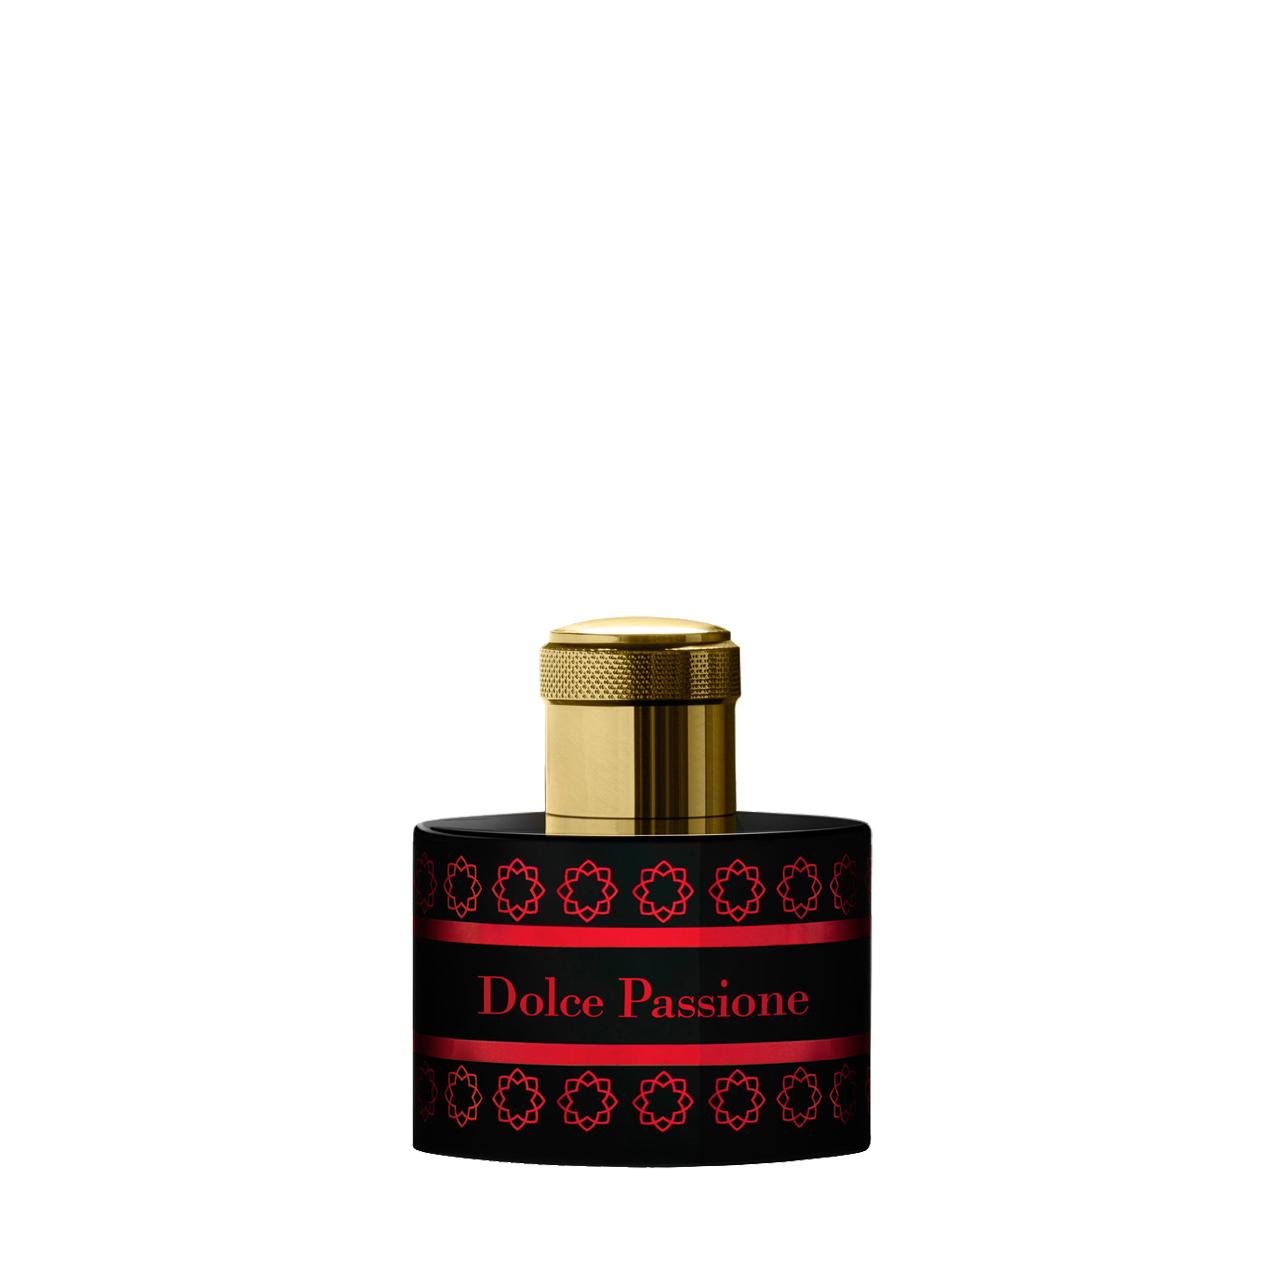 Dolce Passione - Eau de Parfum